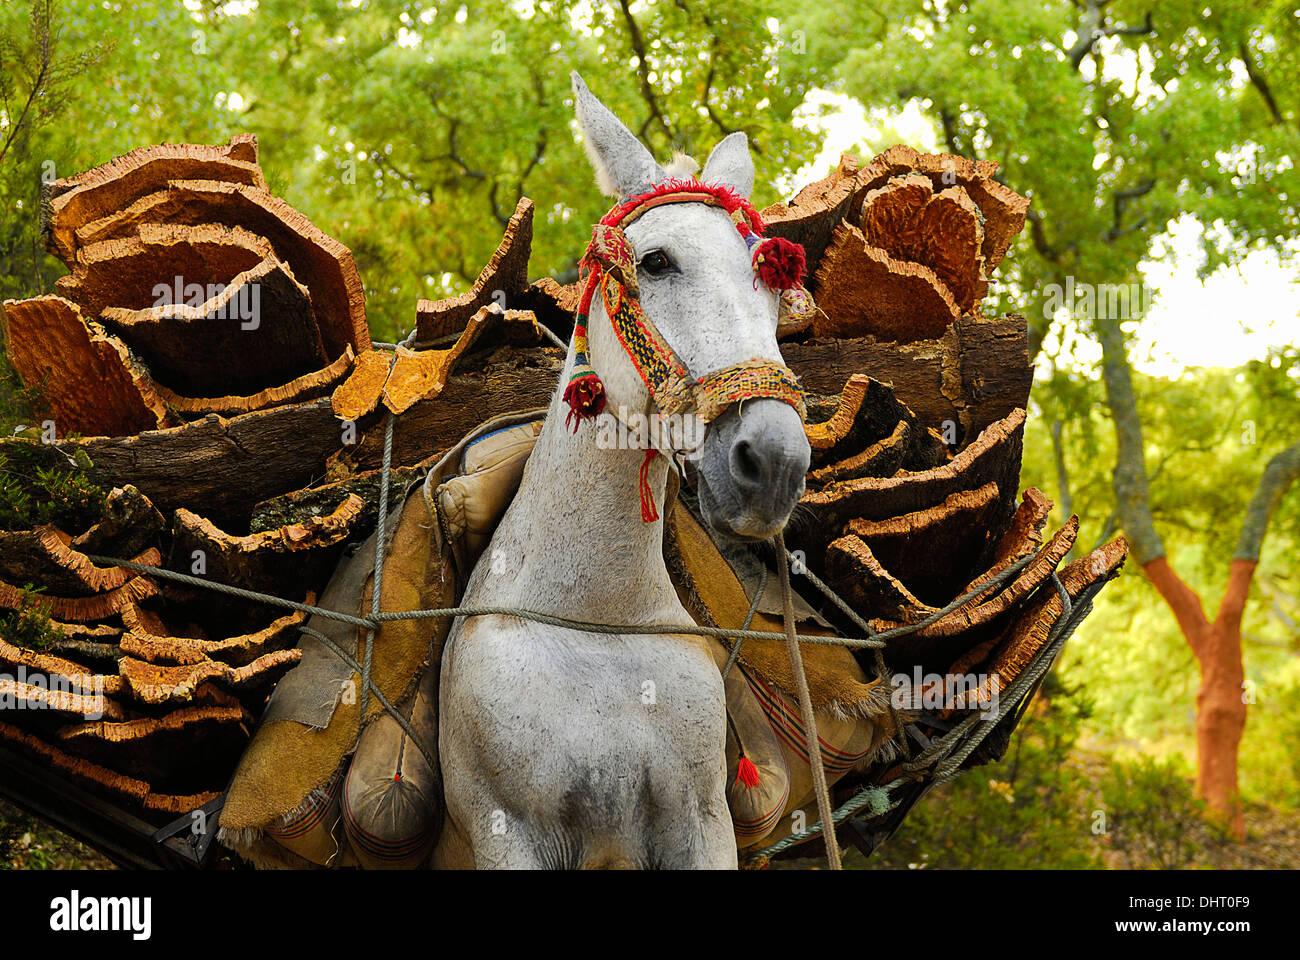 Descorche en los Alcornocales. Trabajos del bosque.Spain.Rural - Stock Image